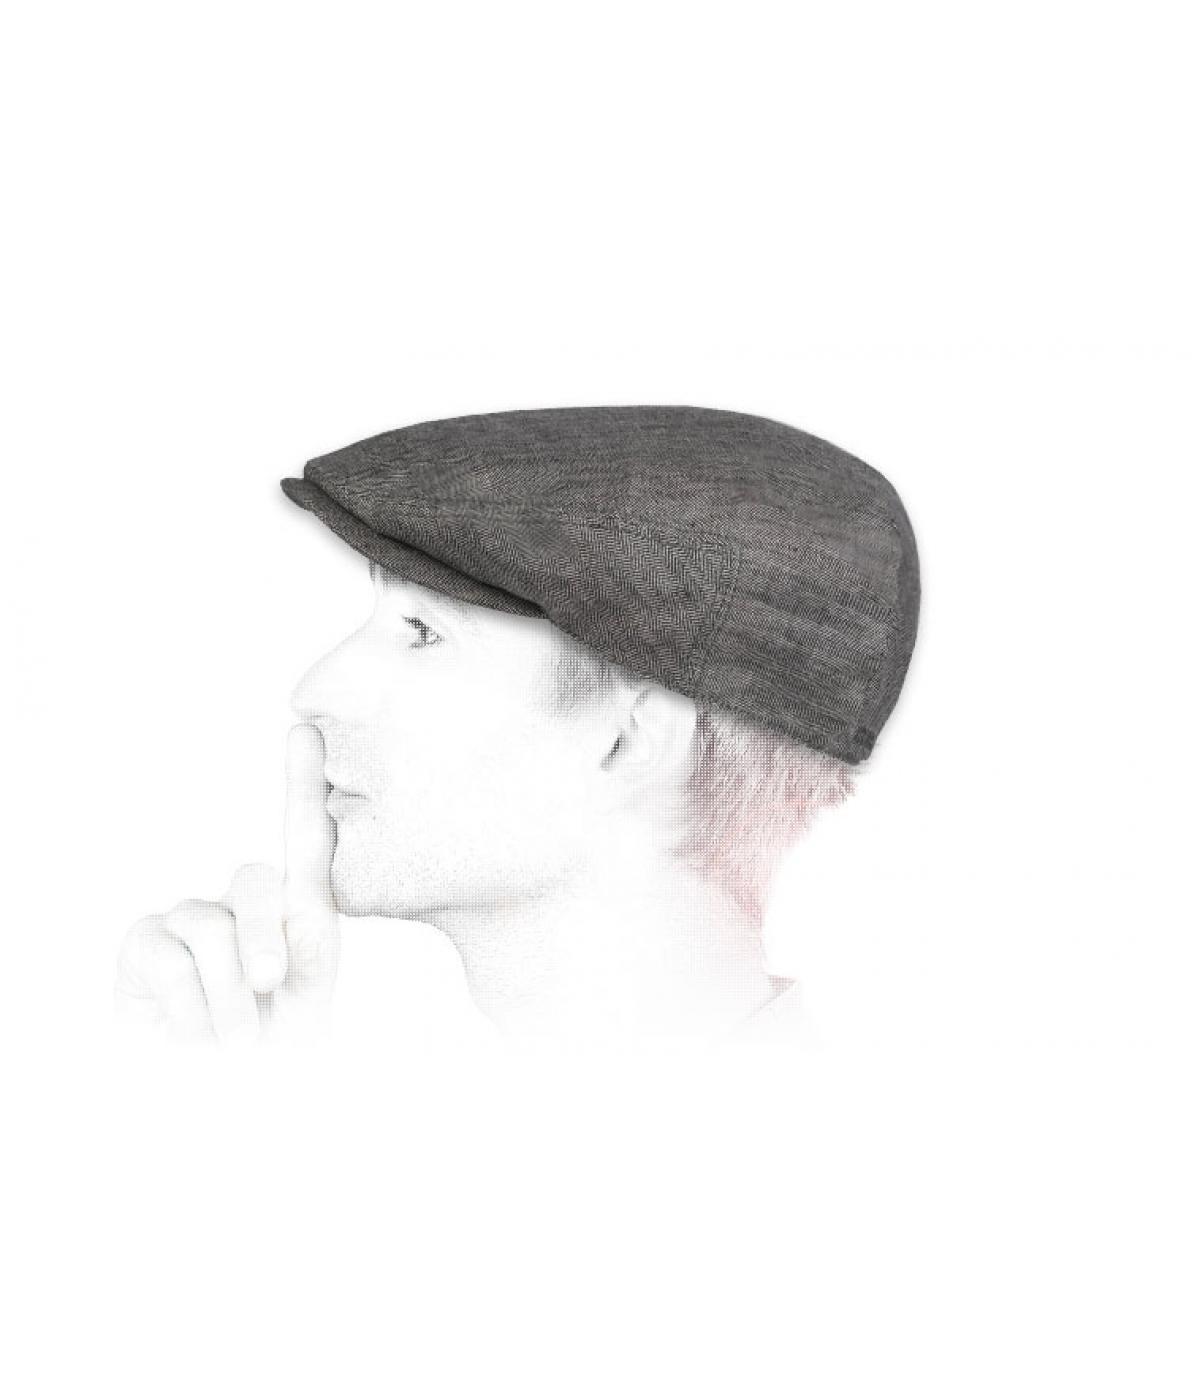 Détails Woodfield linen - image 3